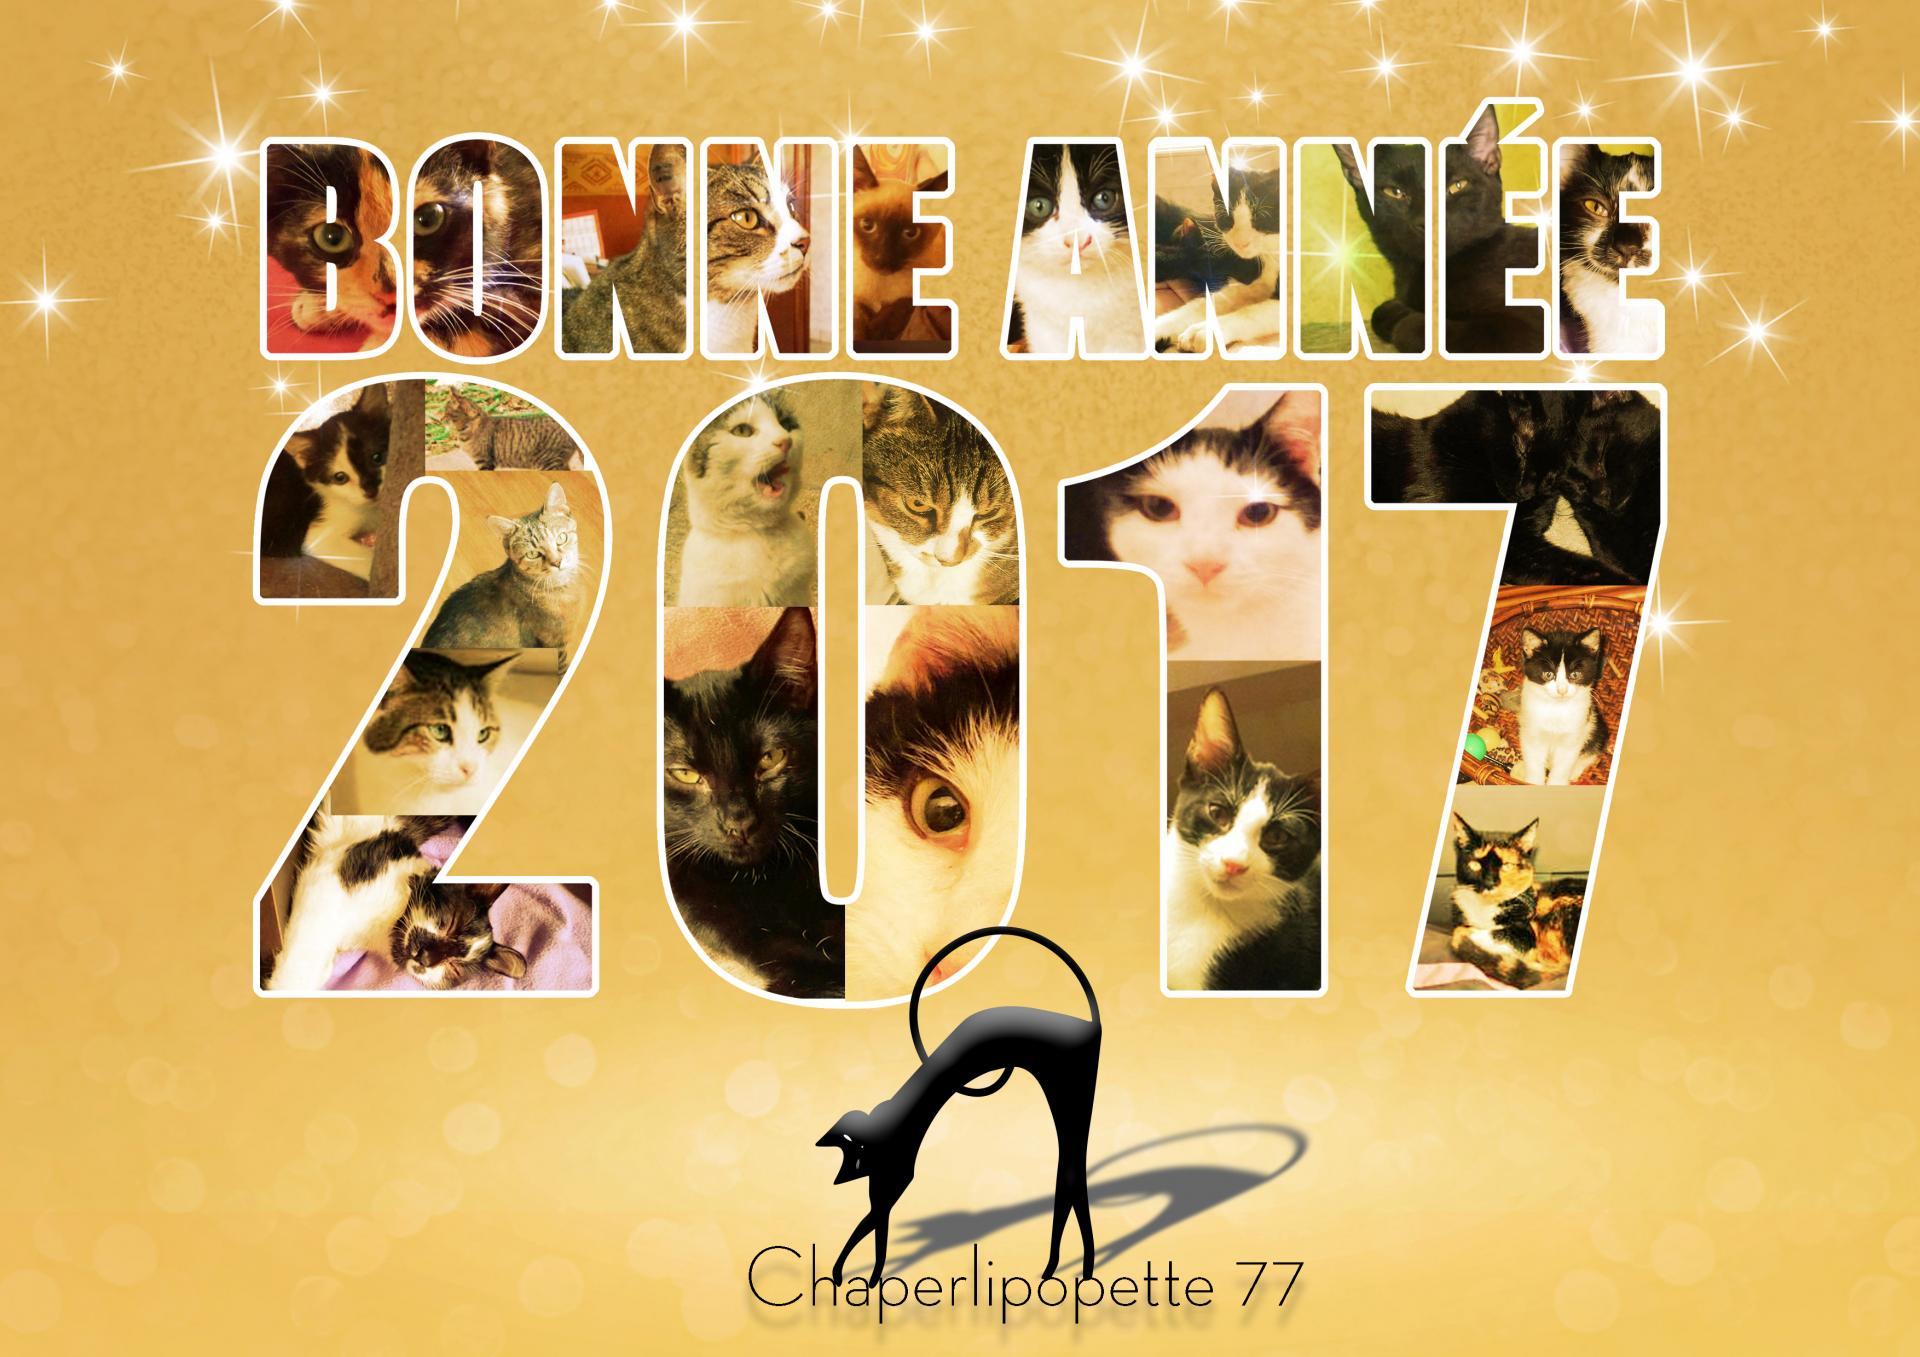 Bonne annee 2016 def hd